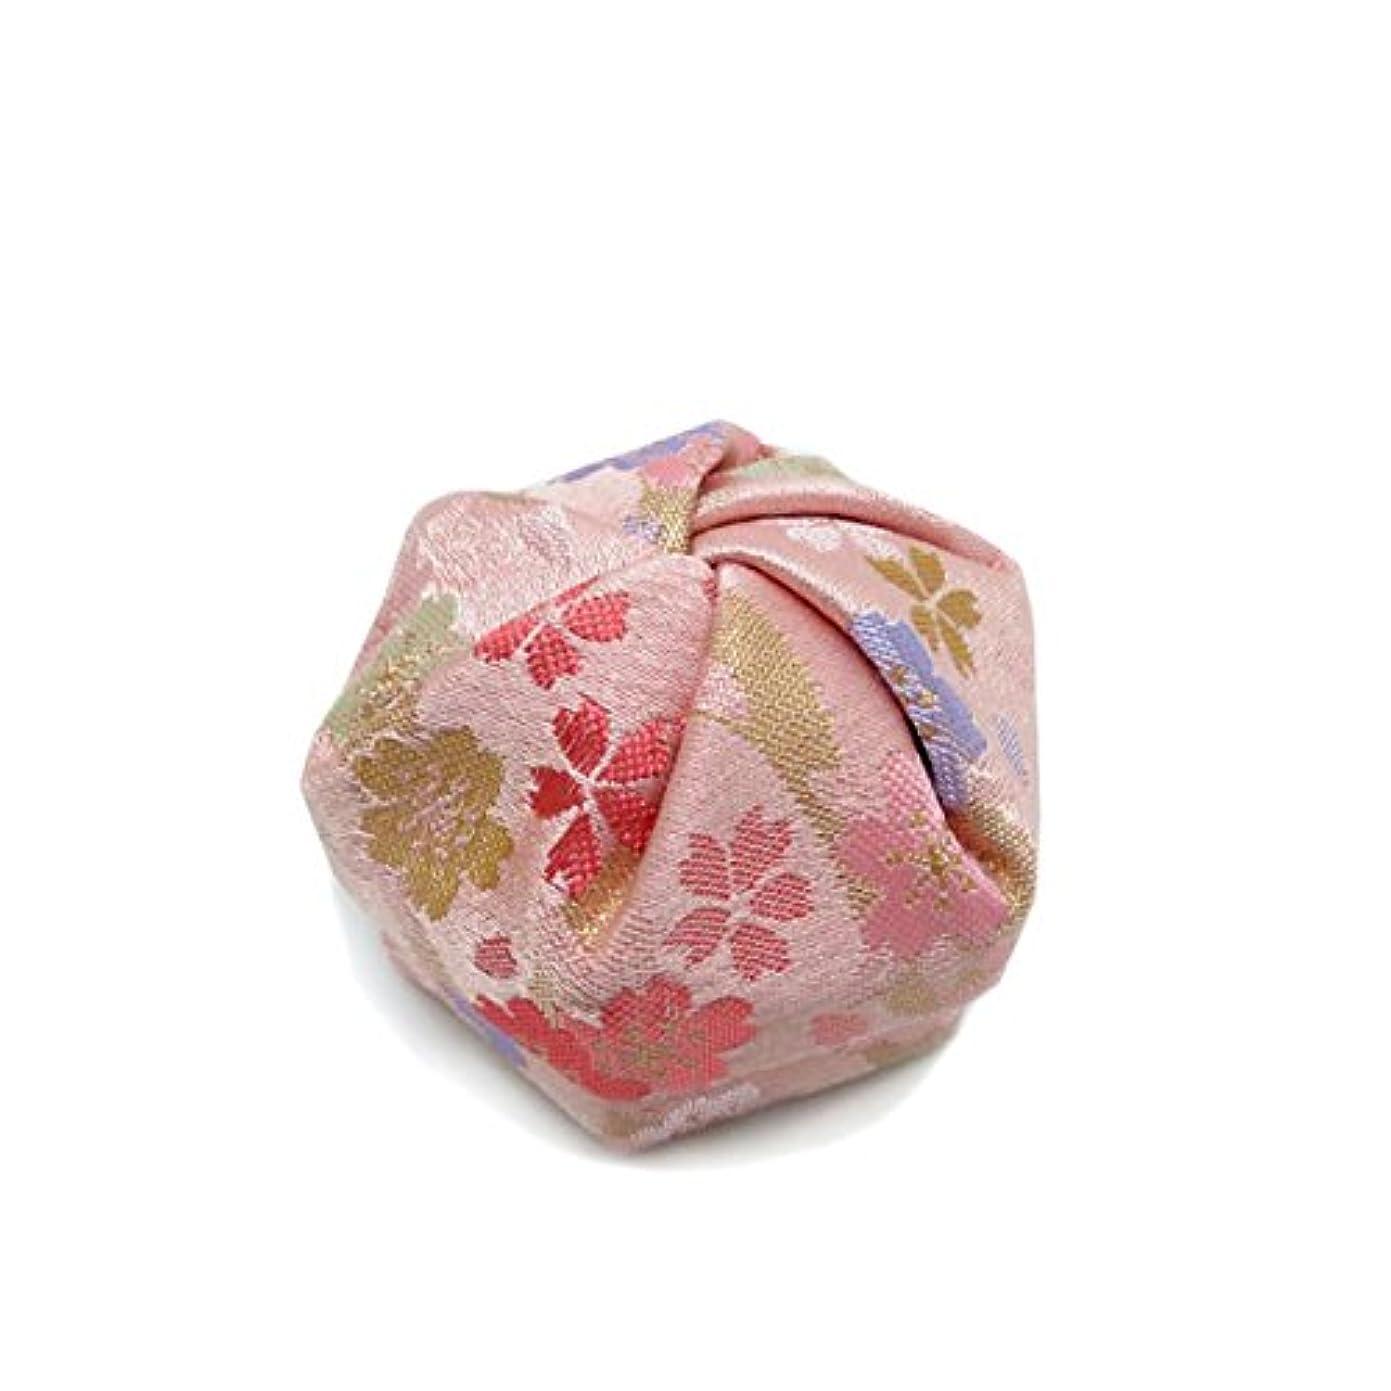 サイクロプス前方へ見つけた布香盒 ピンク系 紙箱入